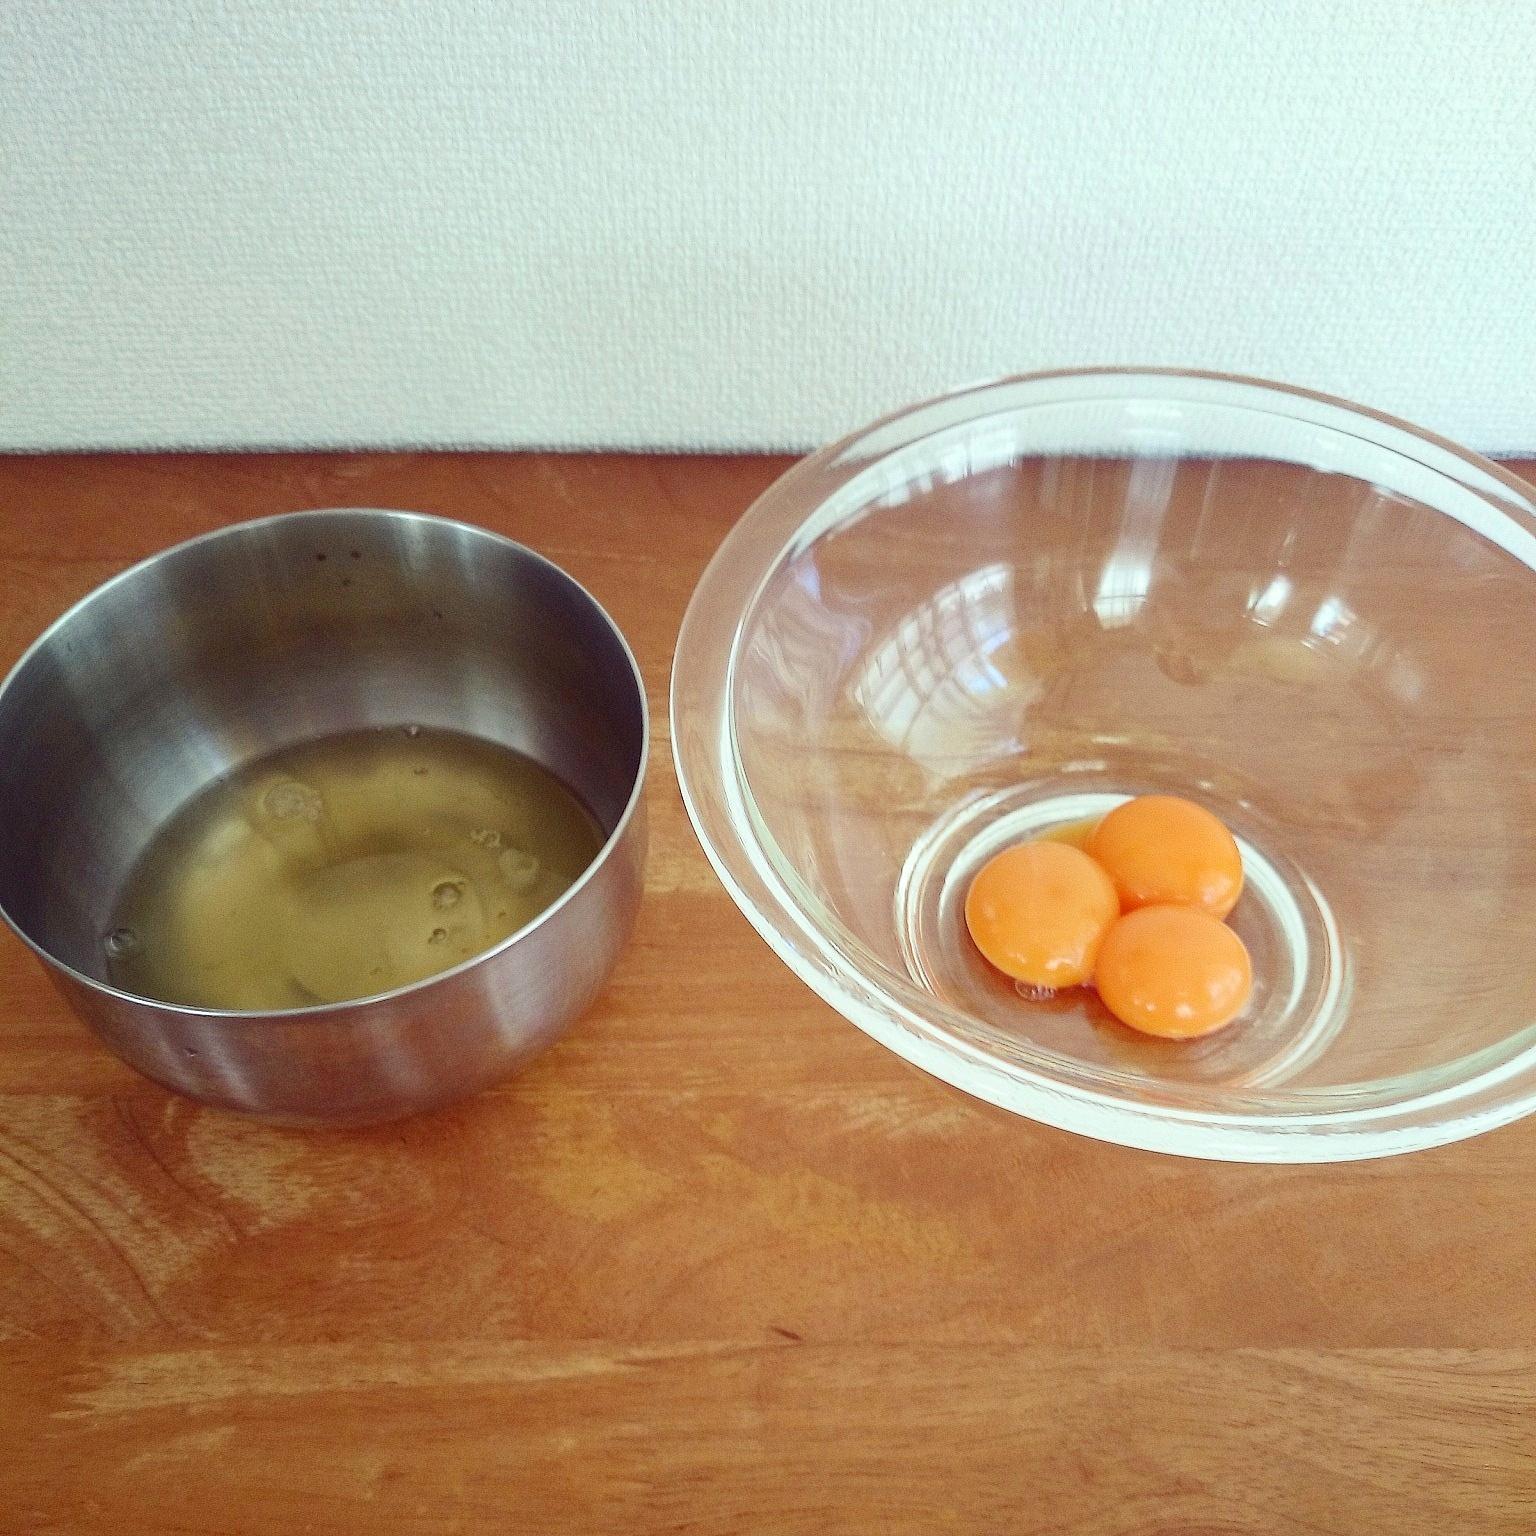 卵白・卵黄の冷凍保存法❁余った卵をシフォンケーキに♪